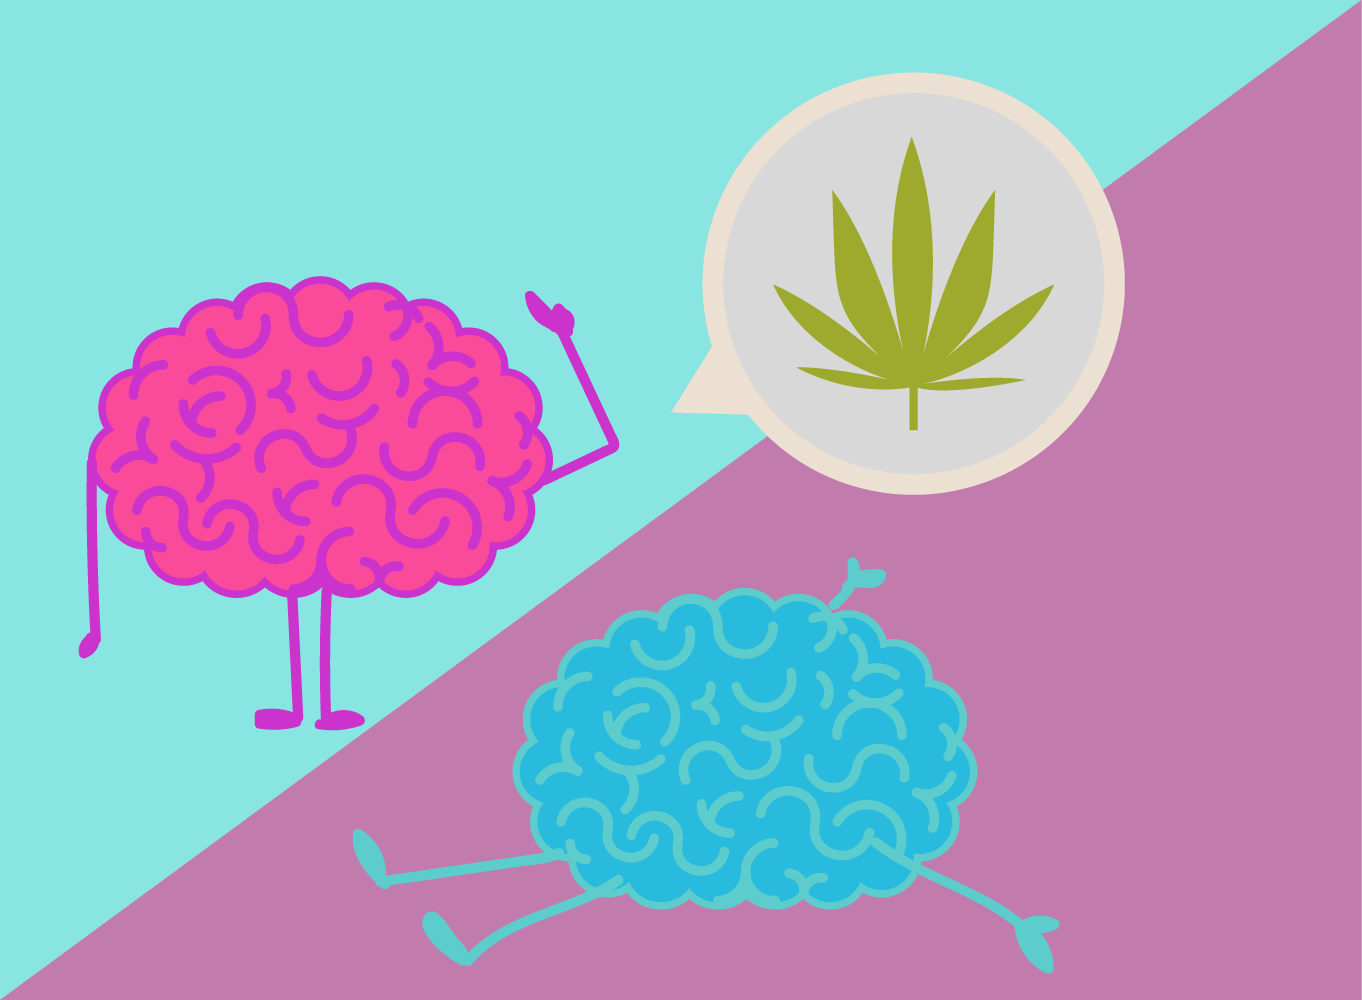 hombre de cannabis mujer reacciones THC bioquímica efectos estrógenos testosterona